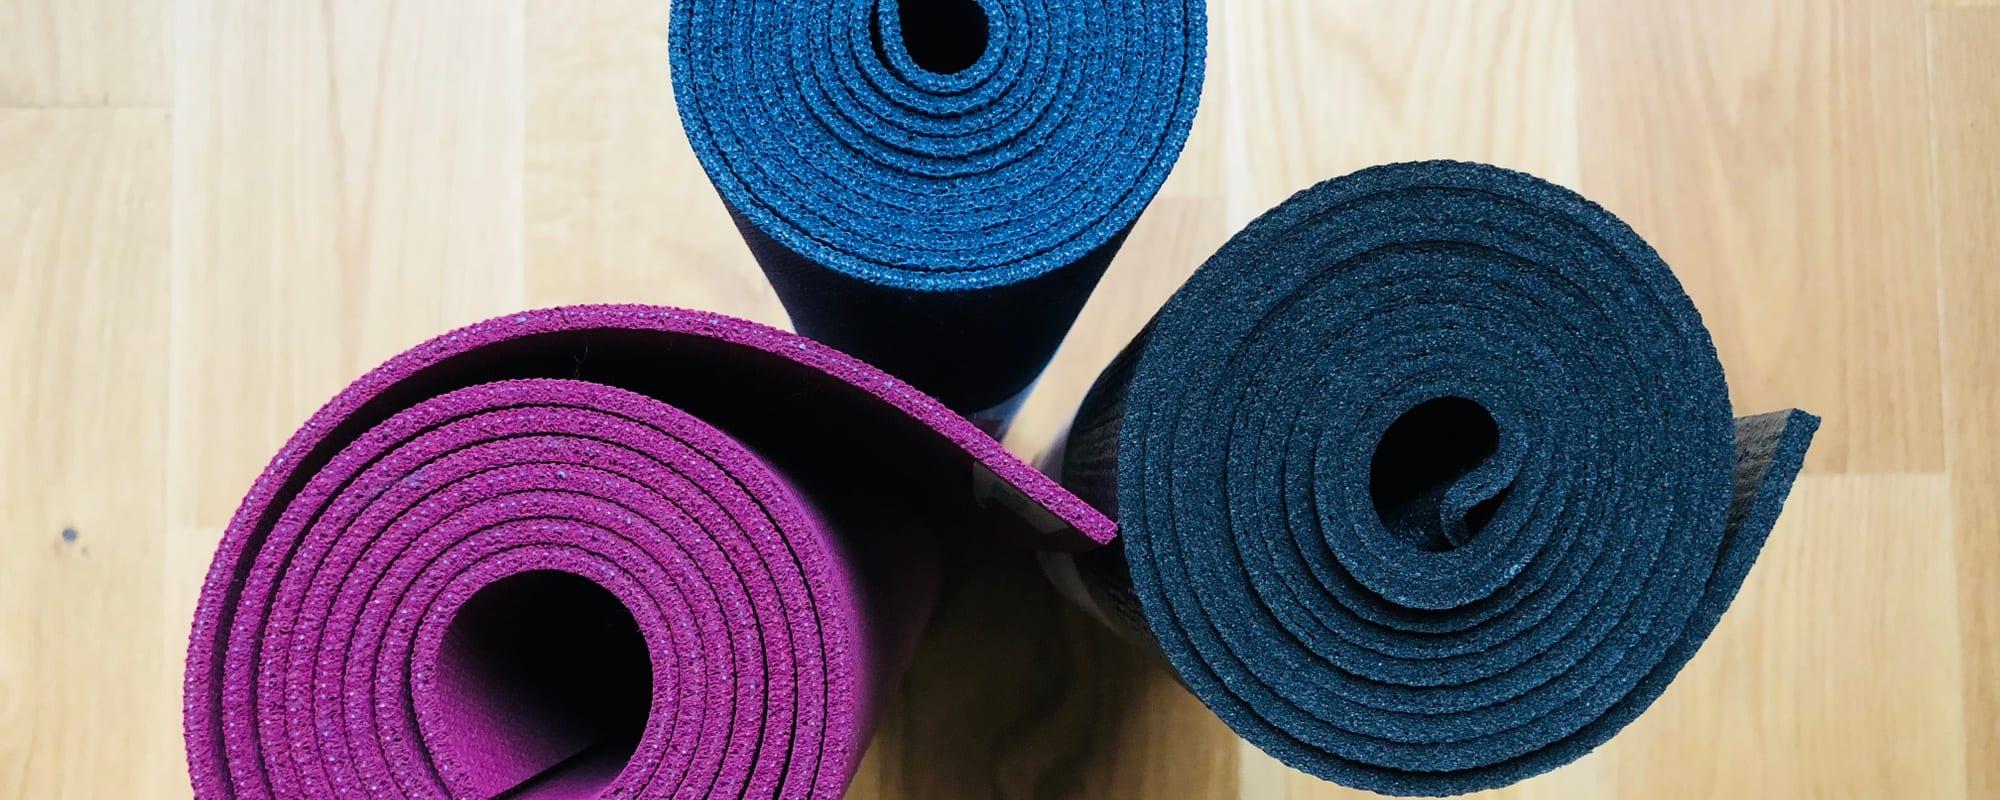 Tre yogamåtter i forskellige farver